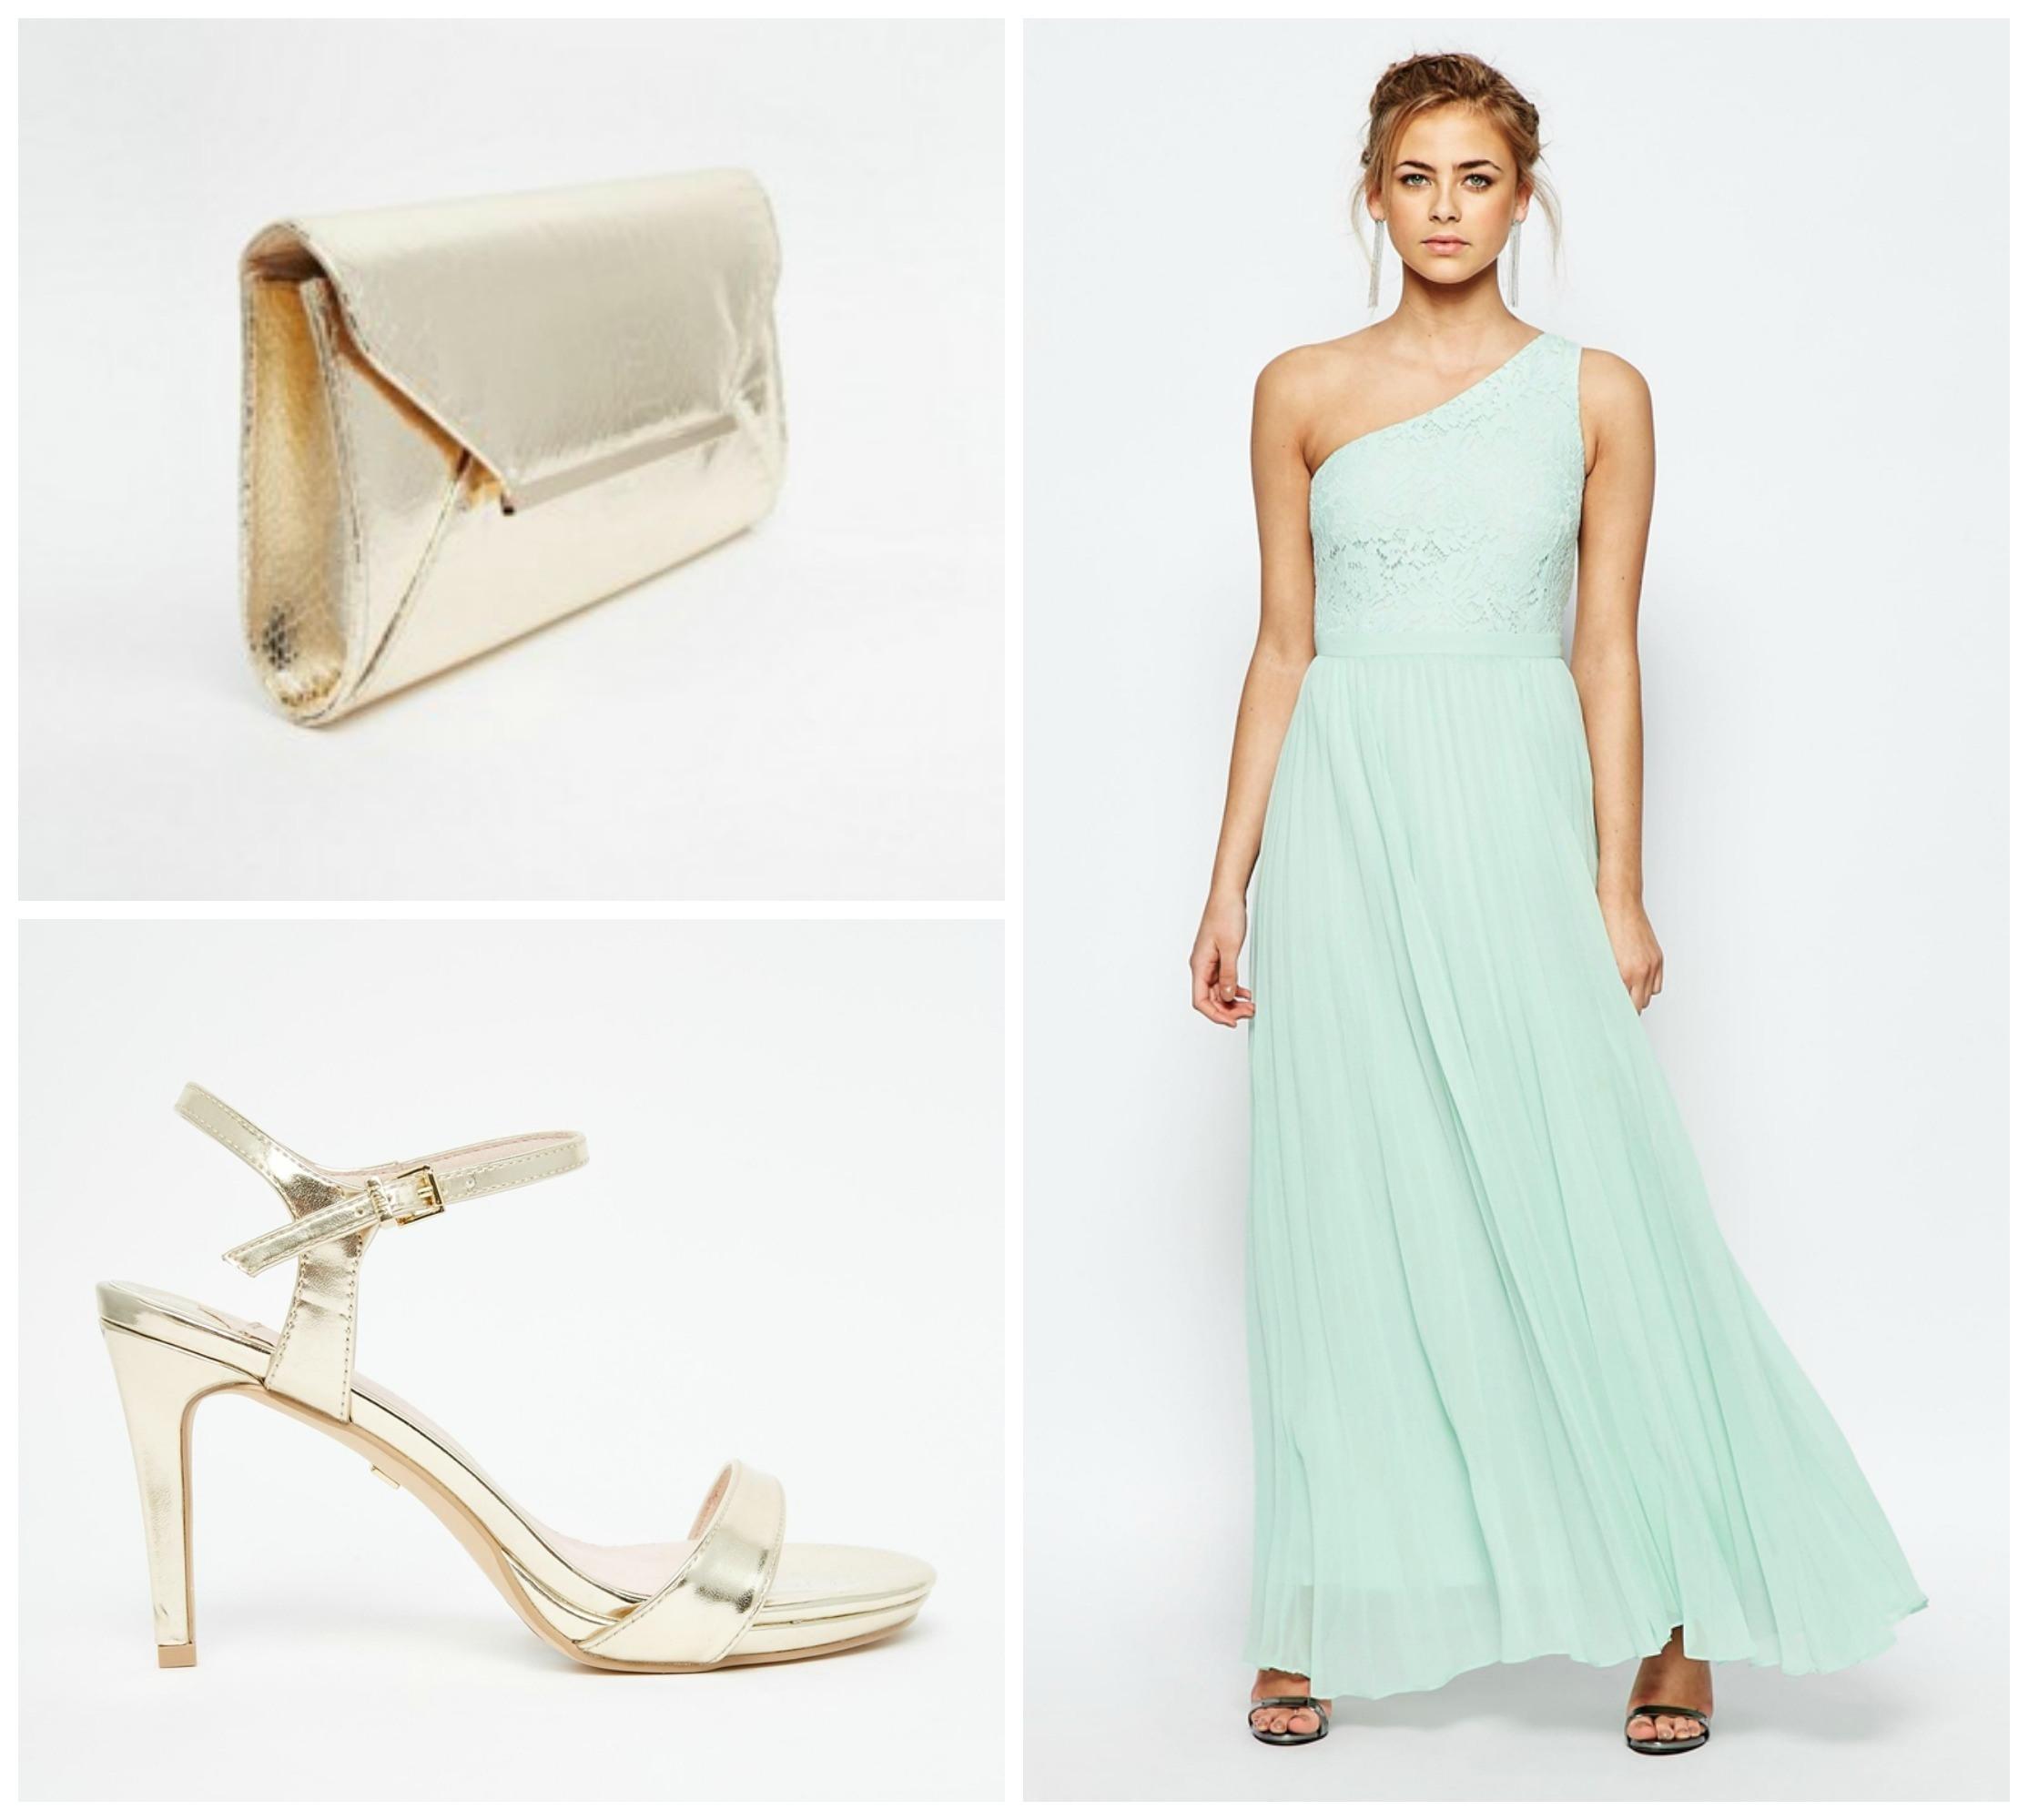 Wunderbar Mint Kleid Hochzeit GalerieAbend Einfach Mint Kleid Hochzeit Spezialgebiet